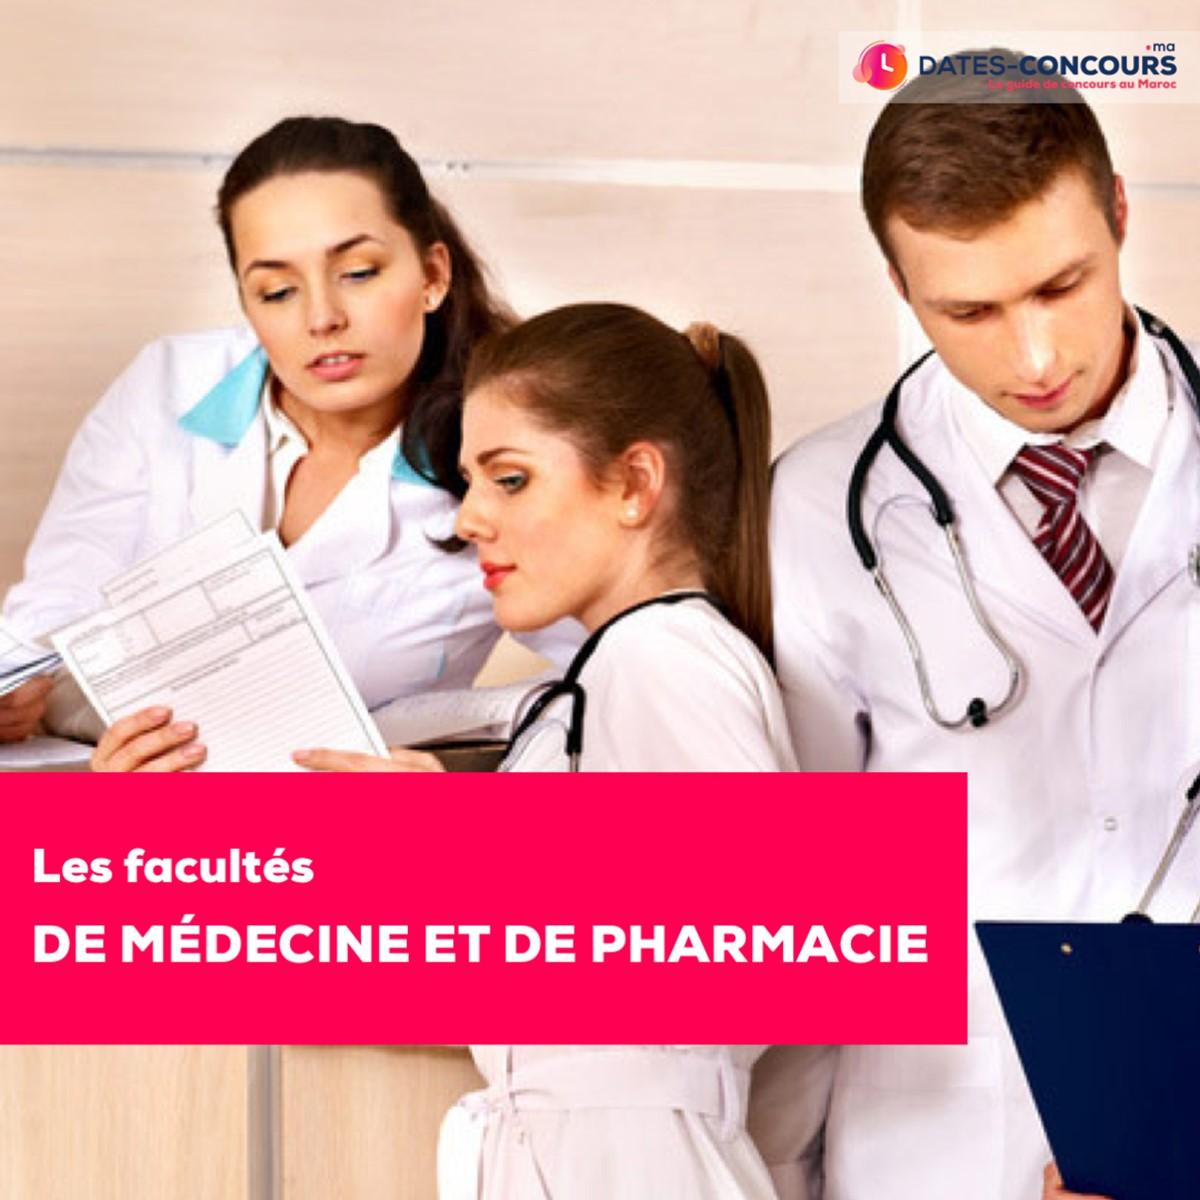 Les Facultés de Médecine et de Pharmacie